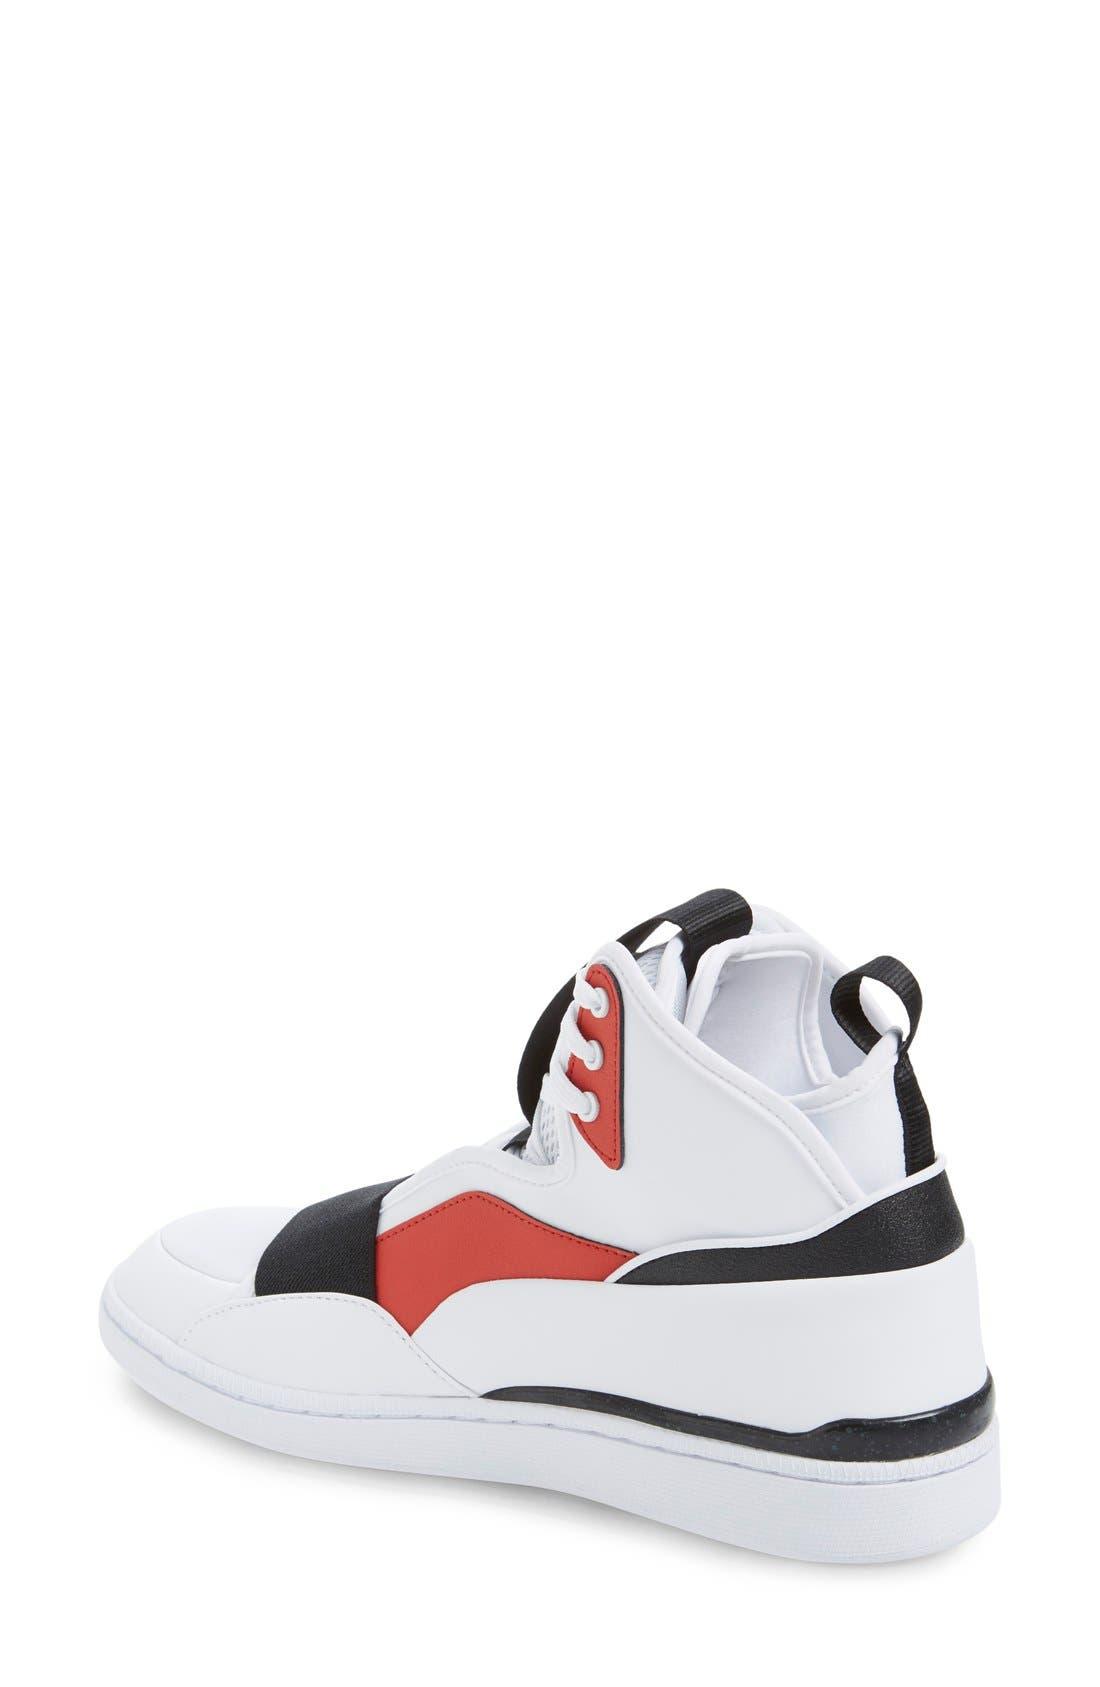 Alternate Image 2  - PUMA by Alexander McQueen 'McQ Brace Mid' Sneaker (Women)